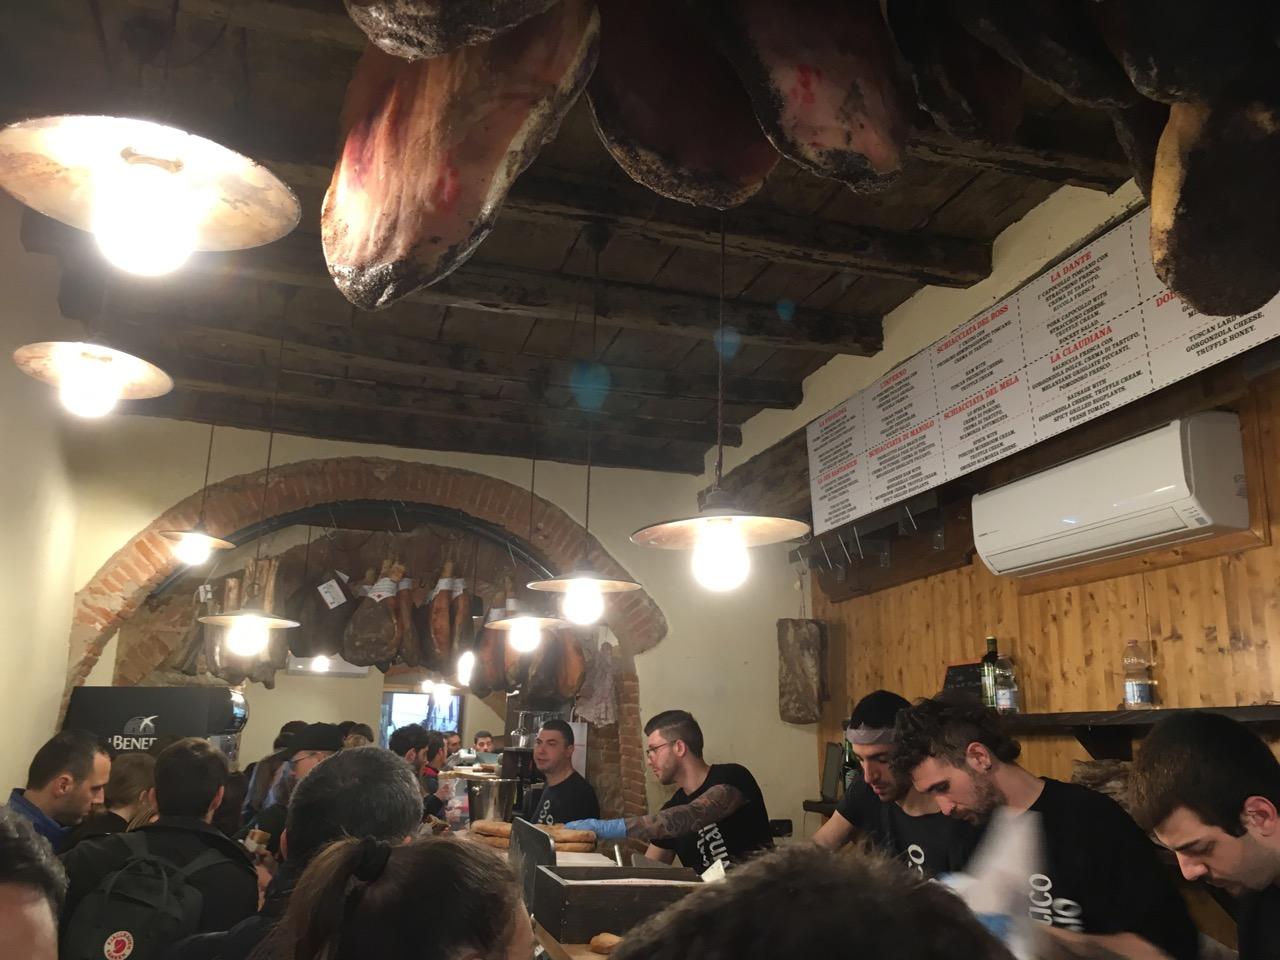 意大利的店铺基本都会挂很多火腿